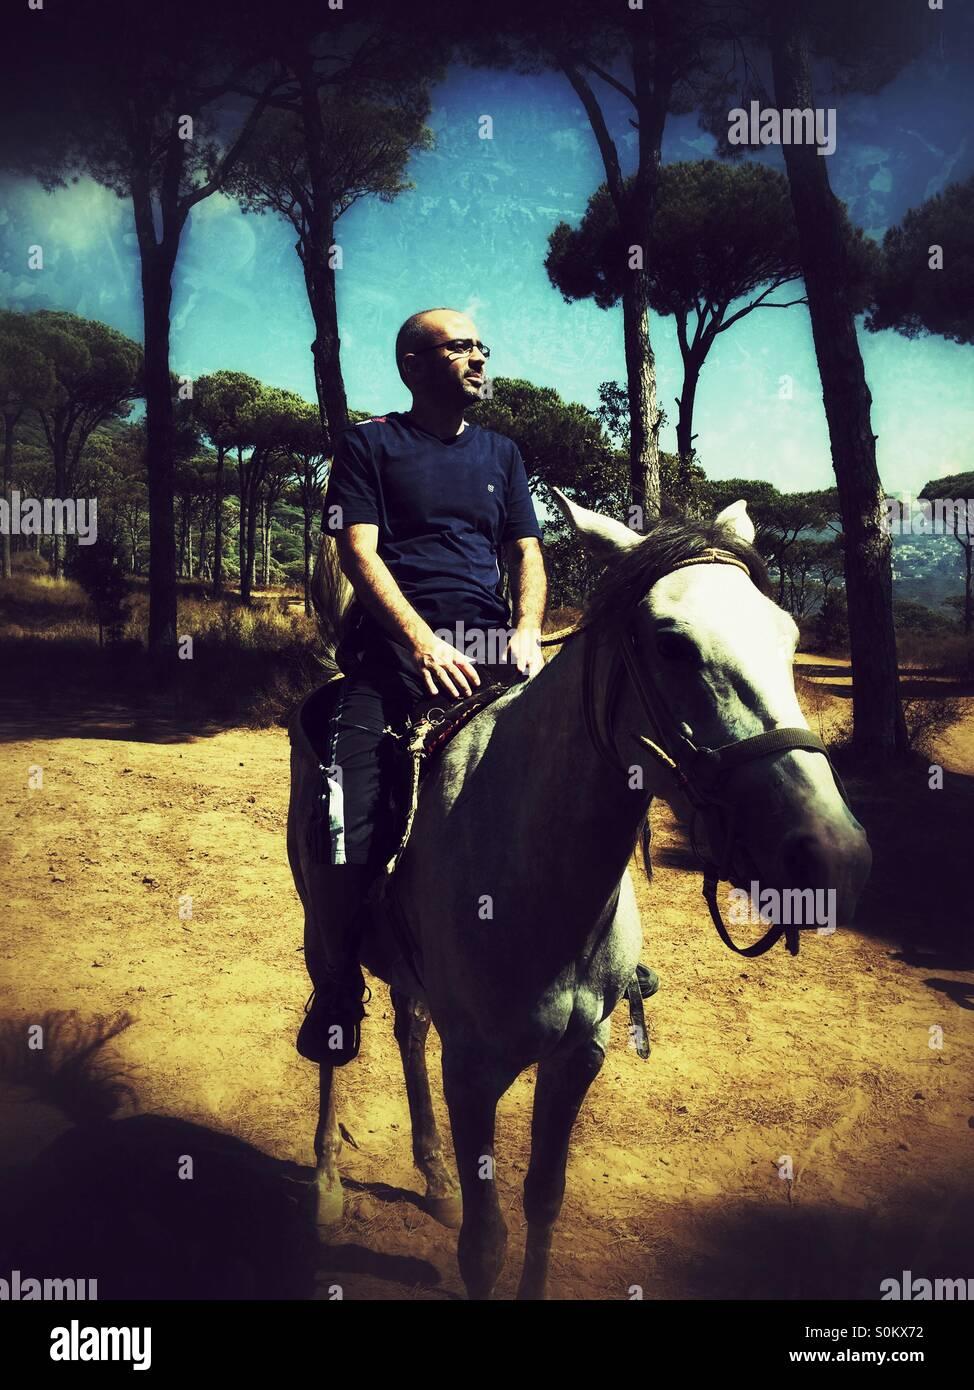 Mittleren Alter Mann auf einem Pferd im Wald Stockbild